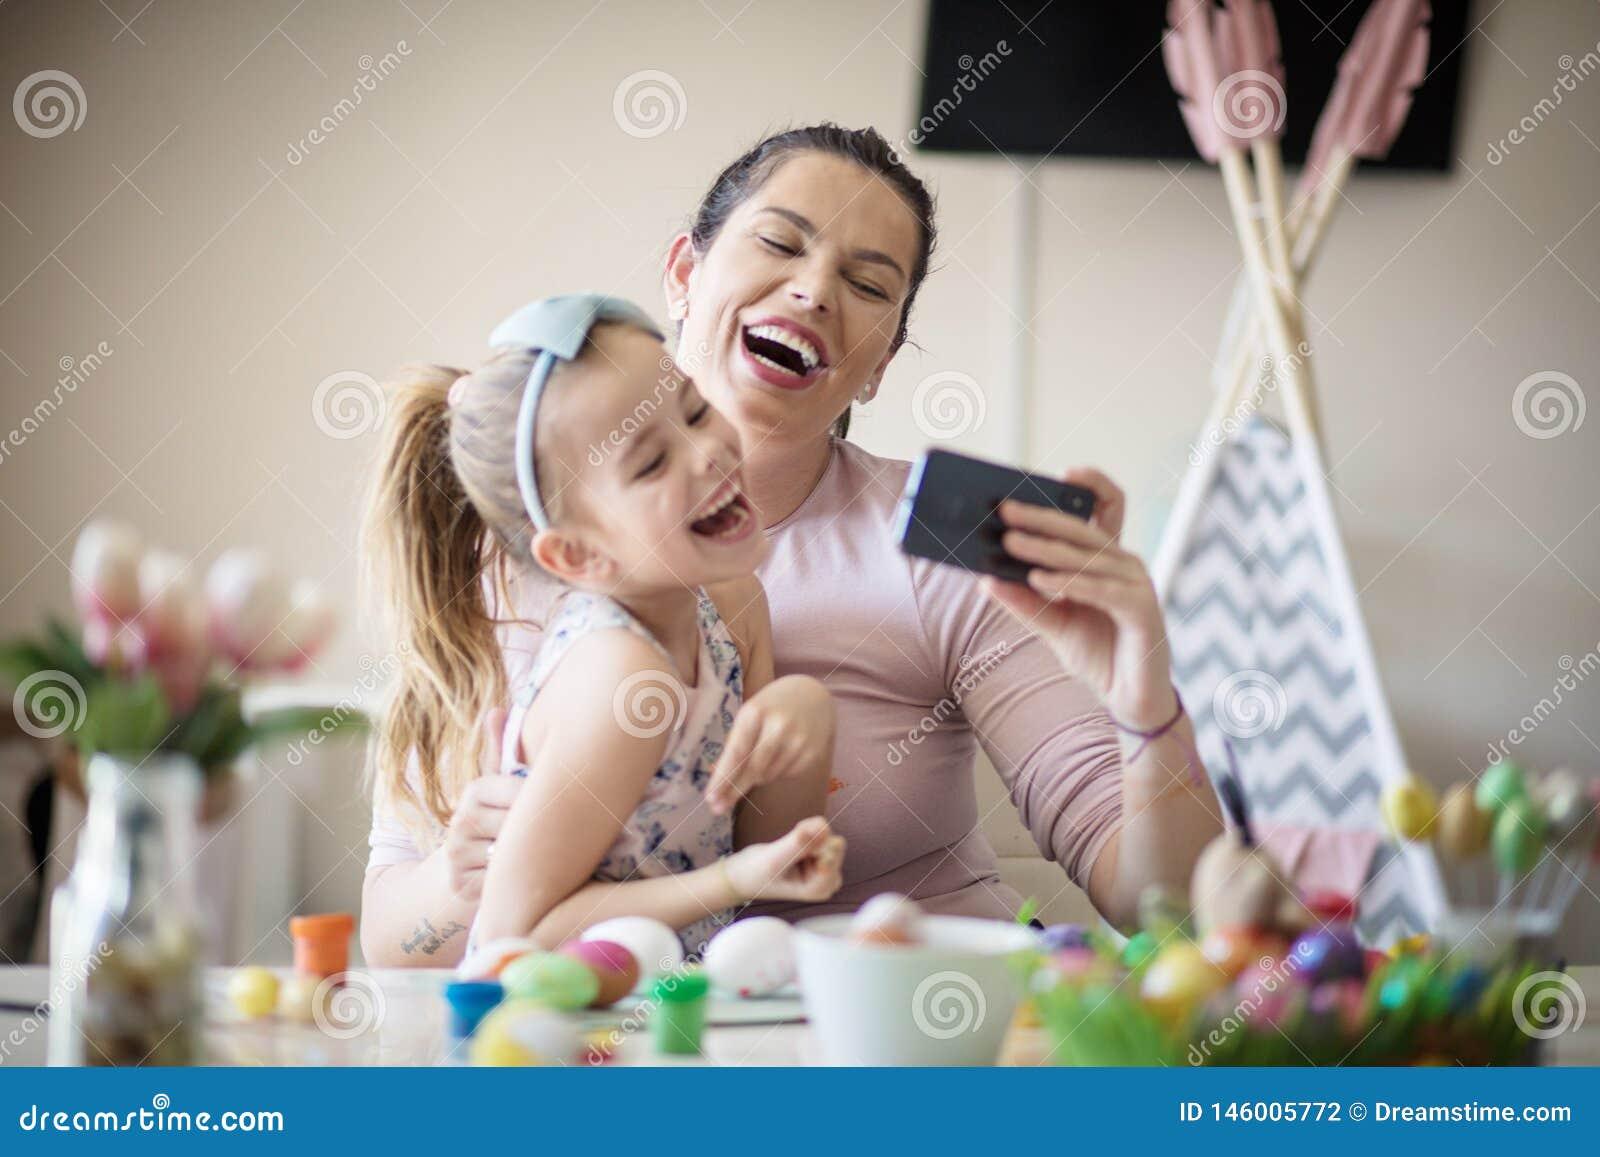 Супер счастливое для того чтобы потратить время с мамой